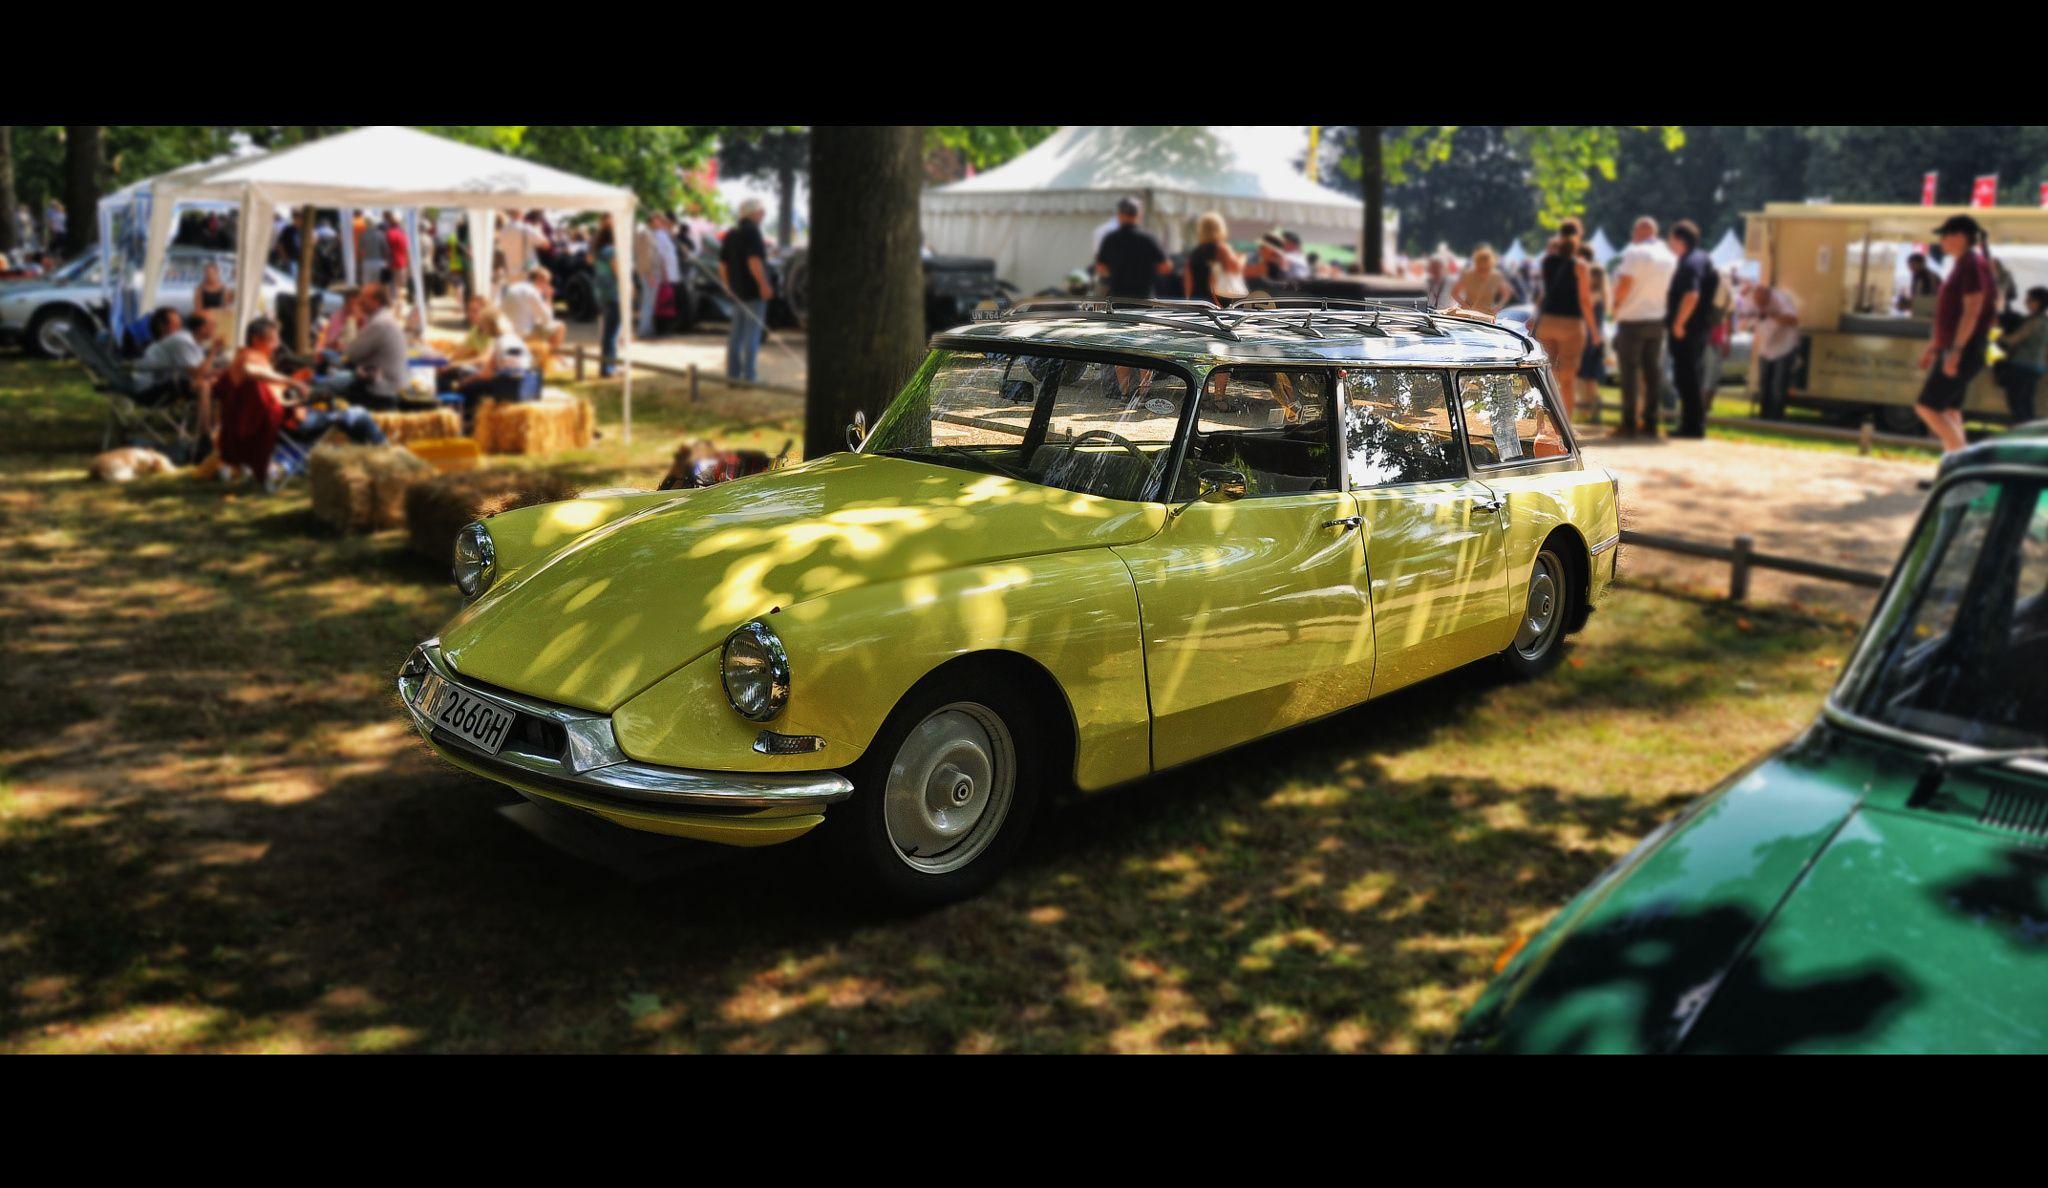 c6446ba12081cd746585ed129aeb7486 Elegant Ferrari F 108 Al-mondial 8 Cars Trend